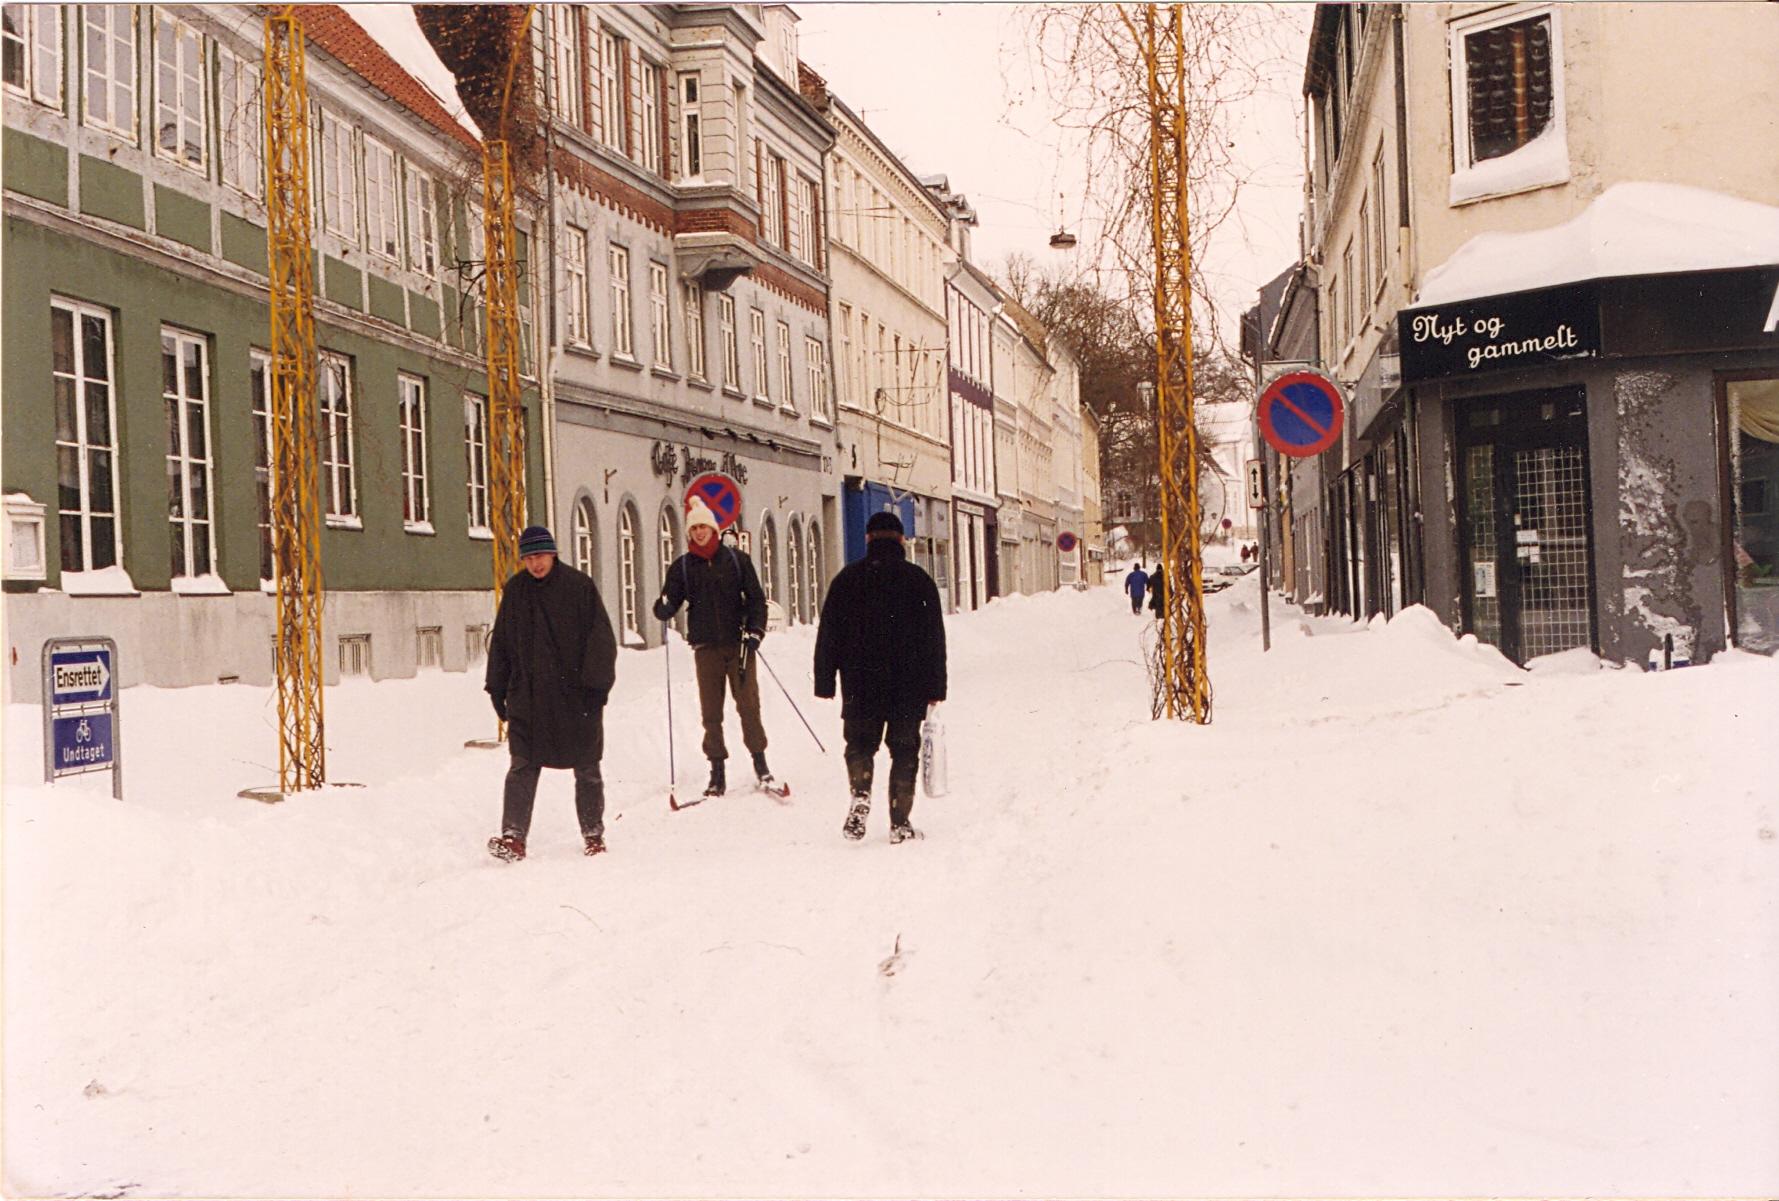 Randers efter snestorm i februar 1996